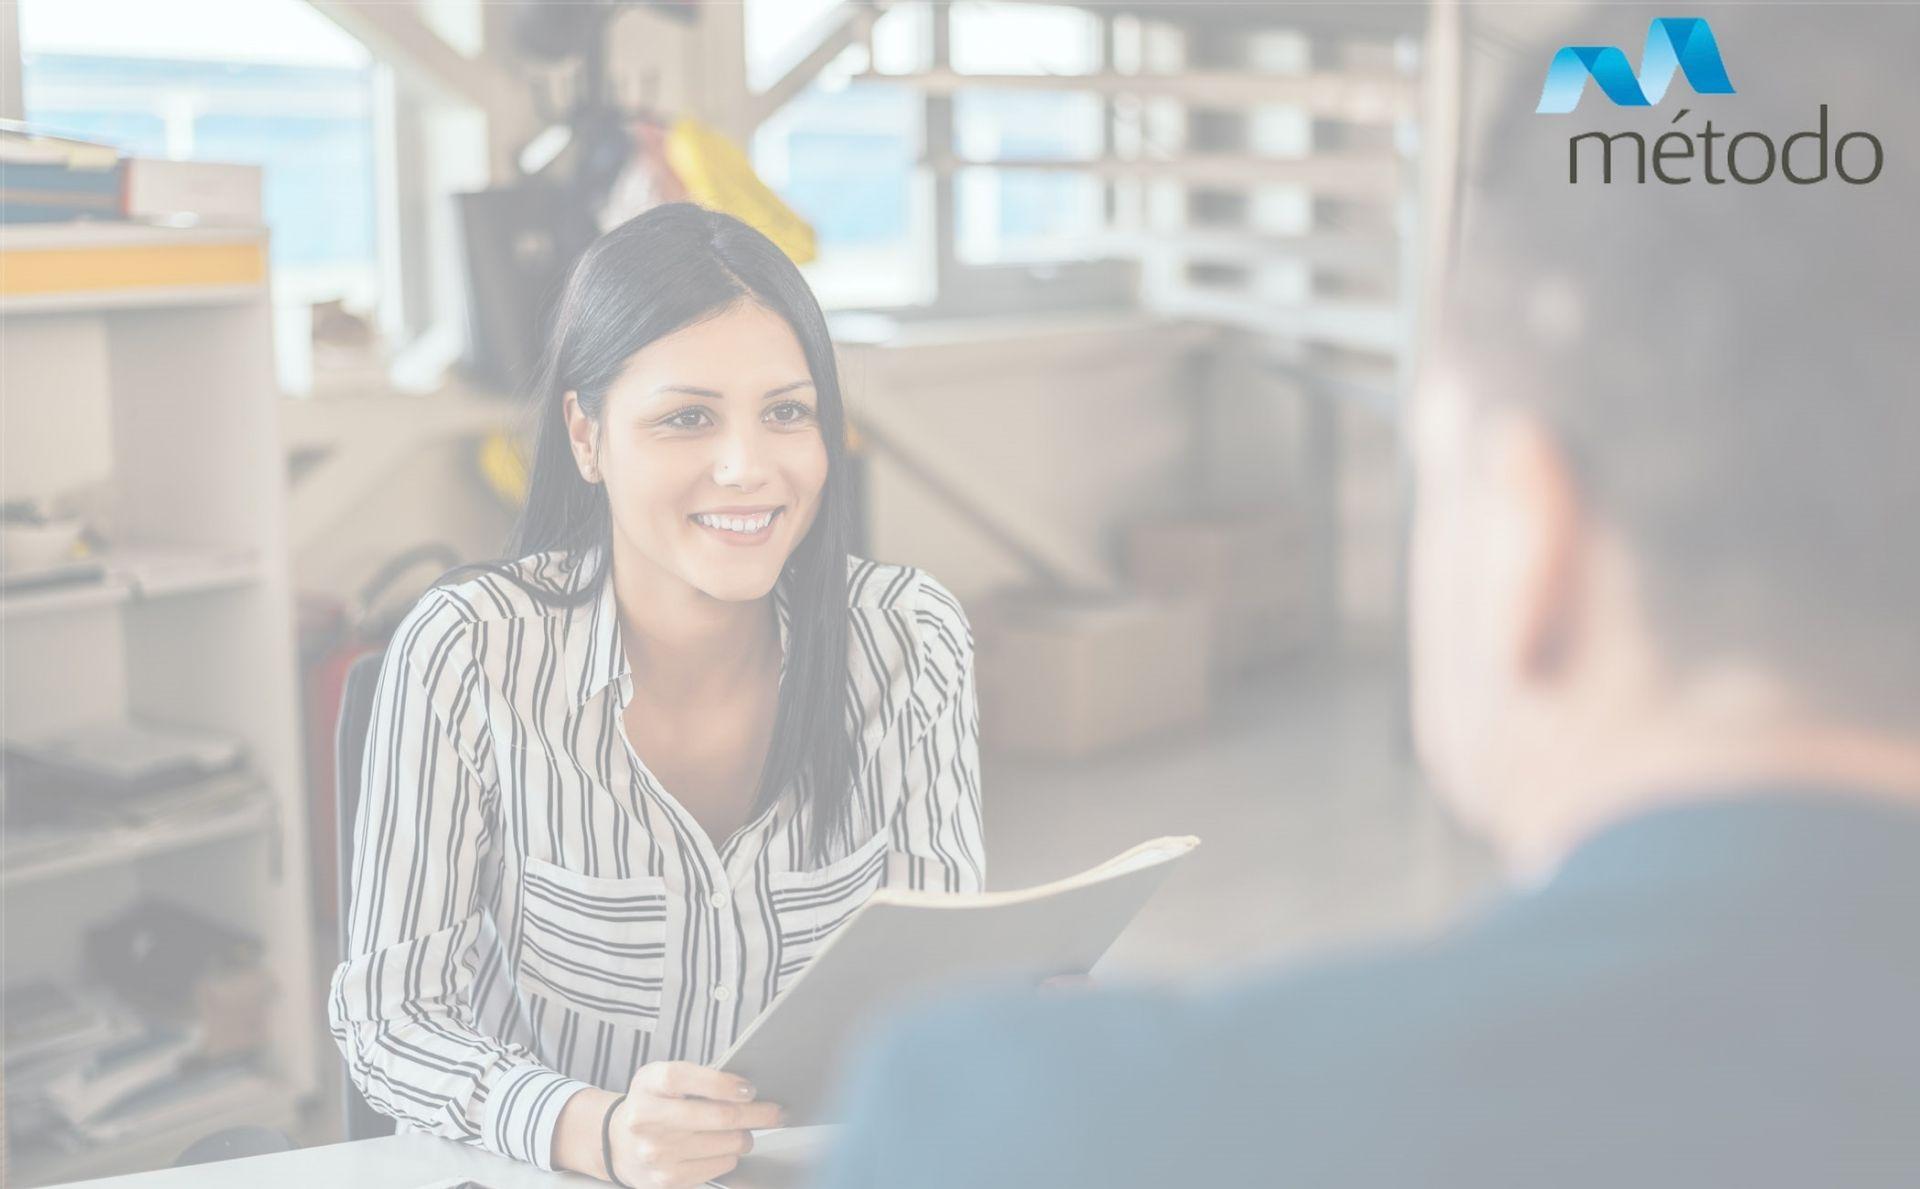 10 preguntas comprometidas que pueden hacerte en una entrevista de trabajo